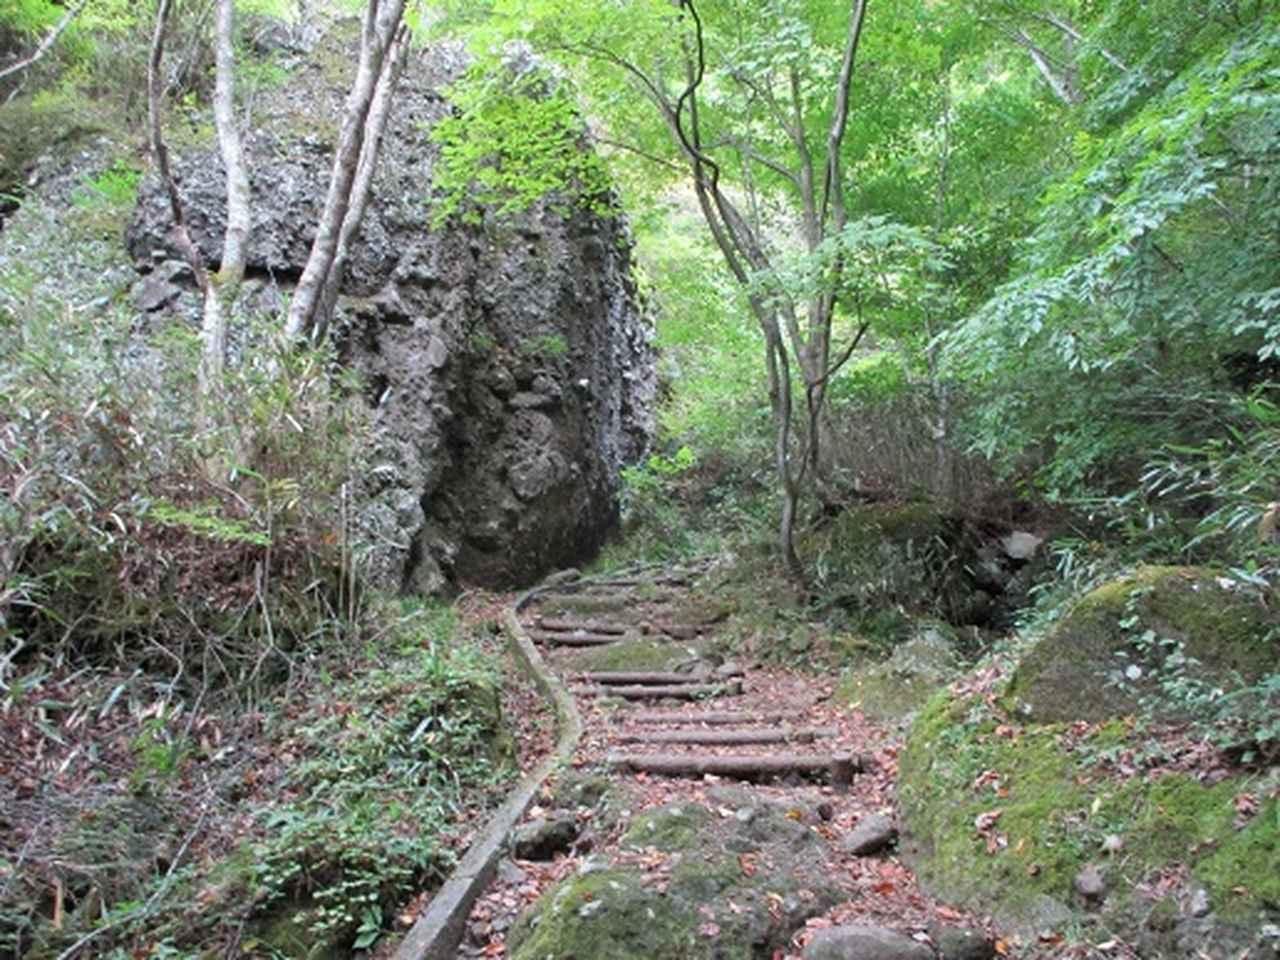 画像2: 岡田健ガイドより、霊山(りょうぜん)ツアーの直前下見報告